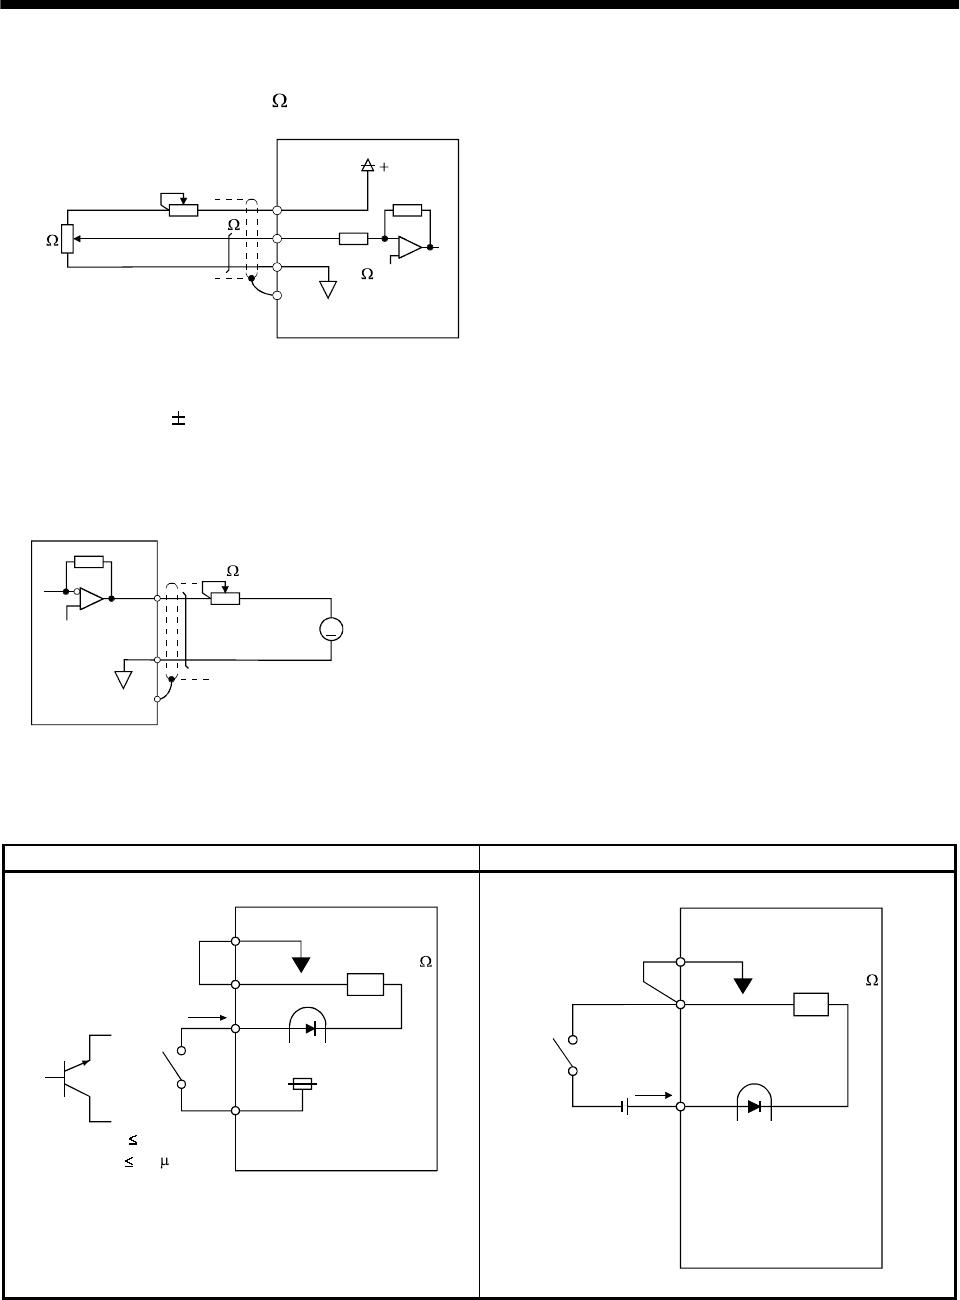 J2 Super Mr J2s Cl Bat Detector No3 Schematic 3 22